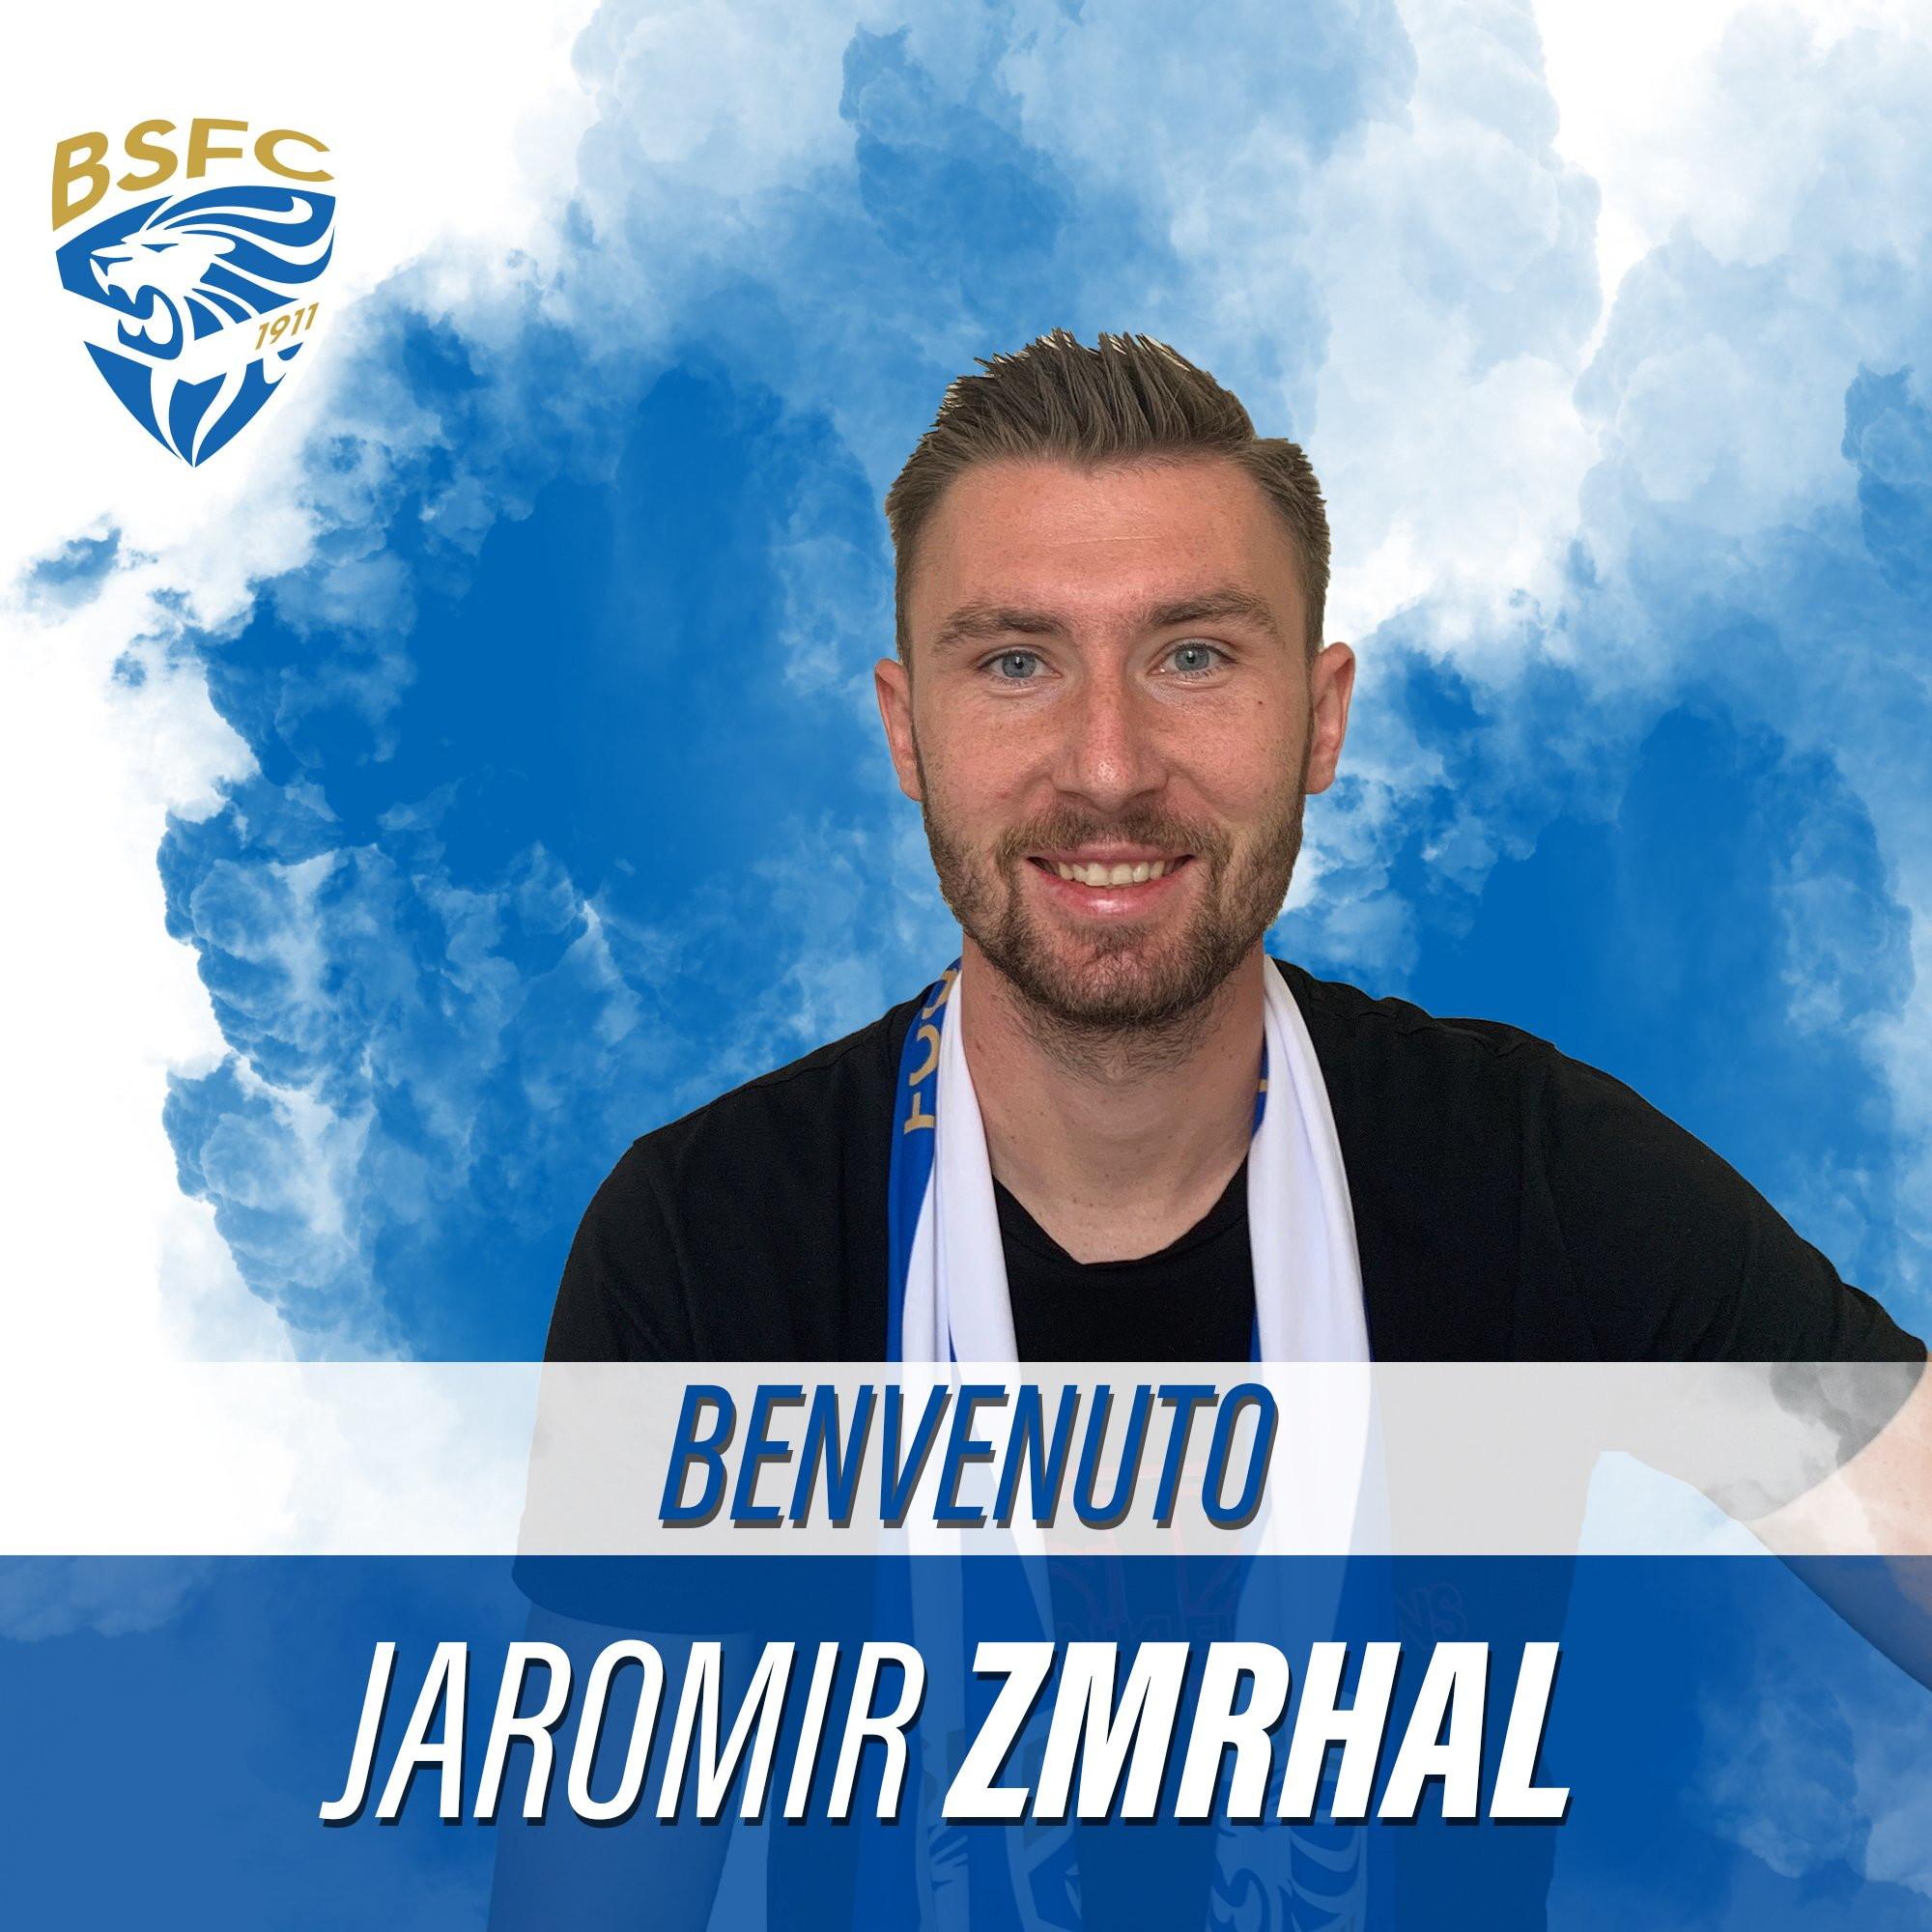 Jaromir Zmrhal, centrocampista del Brescia arrivato dallo Slavia Praga